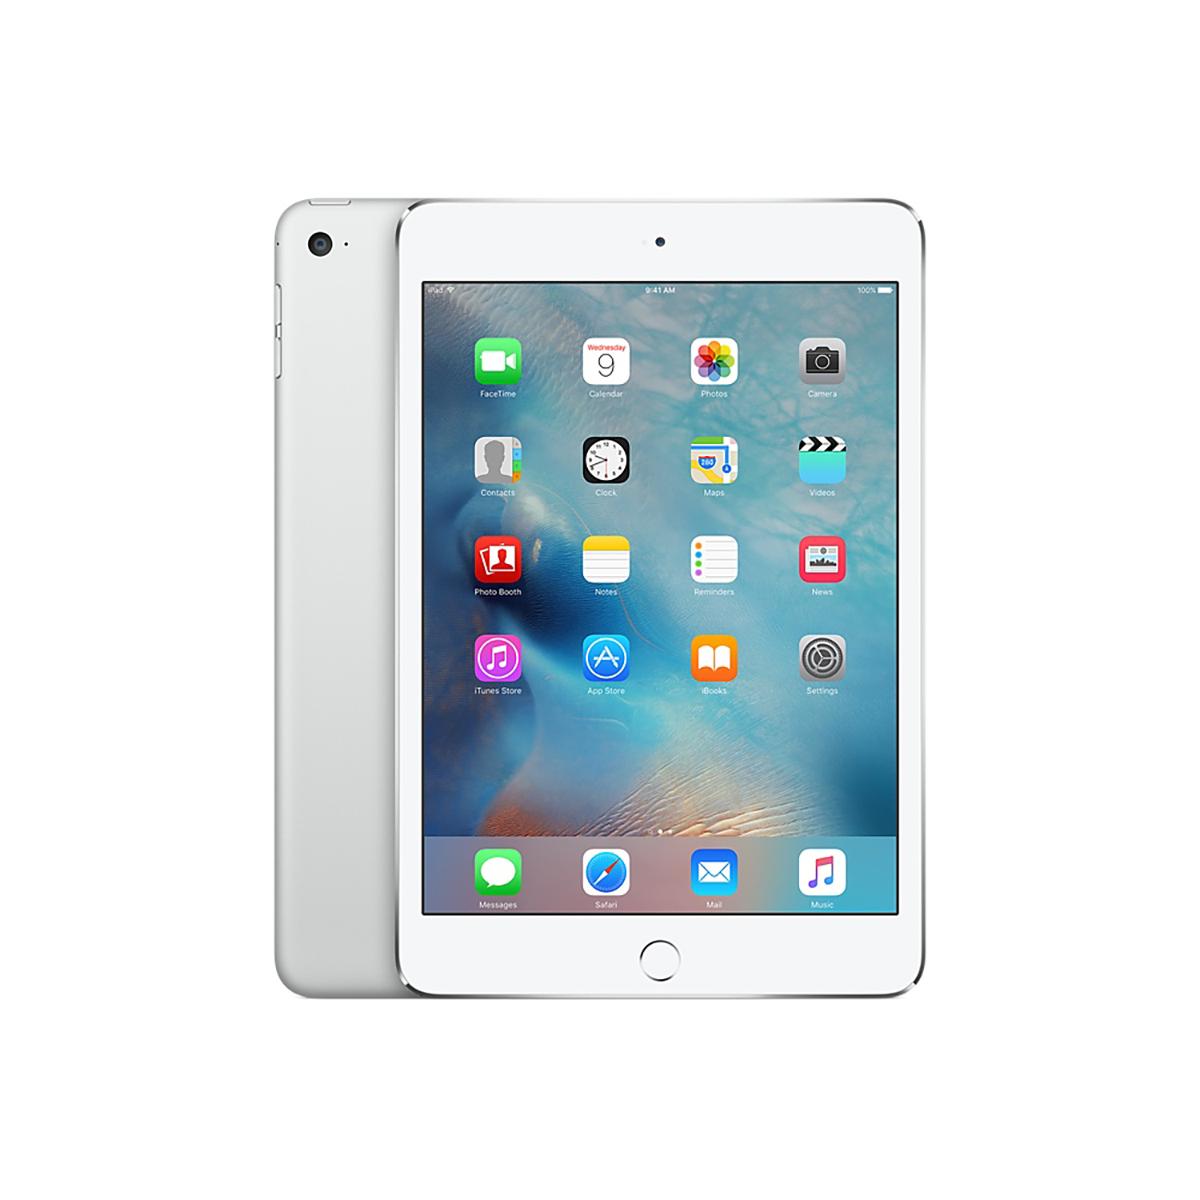 9b9b90687ff iPad 3 (Retina Display) 64GB Wi-Fi + 4G (Cellular). Garantii 3 kuud.  Komplektis on karp, laadija ning USB juhe.